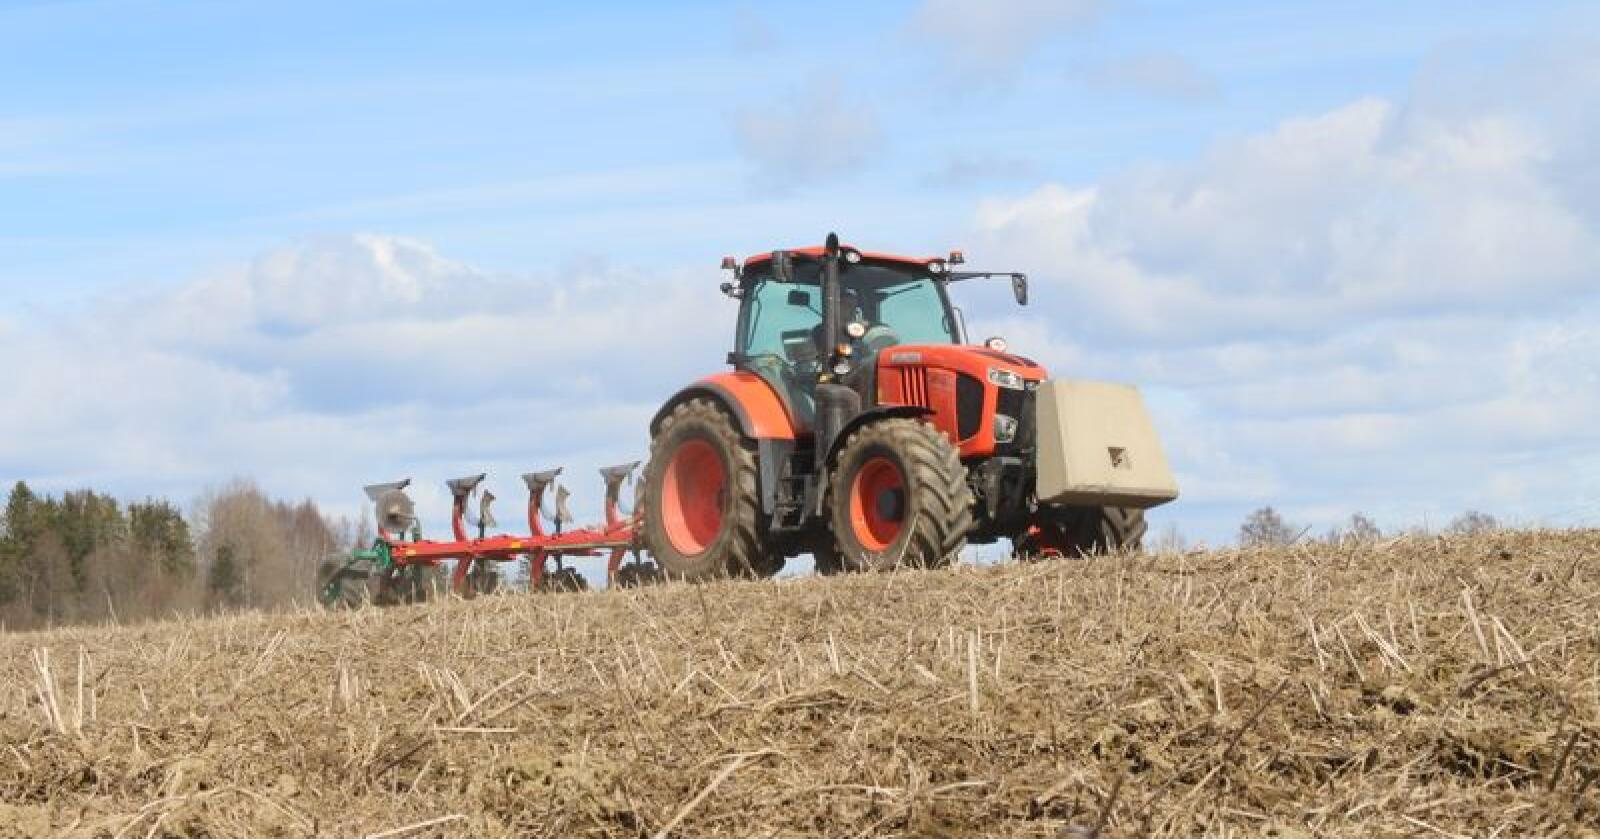 Storebror: Det har ikke lyktes Traktor å få tak i et bilde av den nye MGX-IV. Her sees en M7171, en modell i M7-serien, som MGX nå skal ligne mer på. Arkivfoto: Traktor